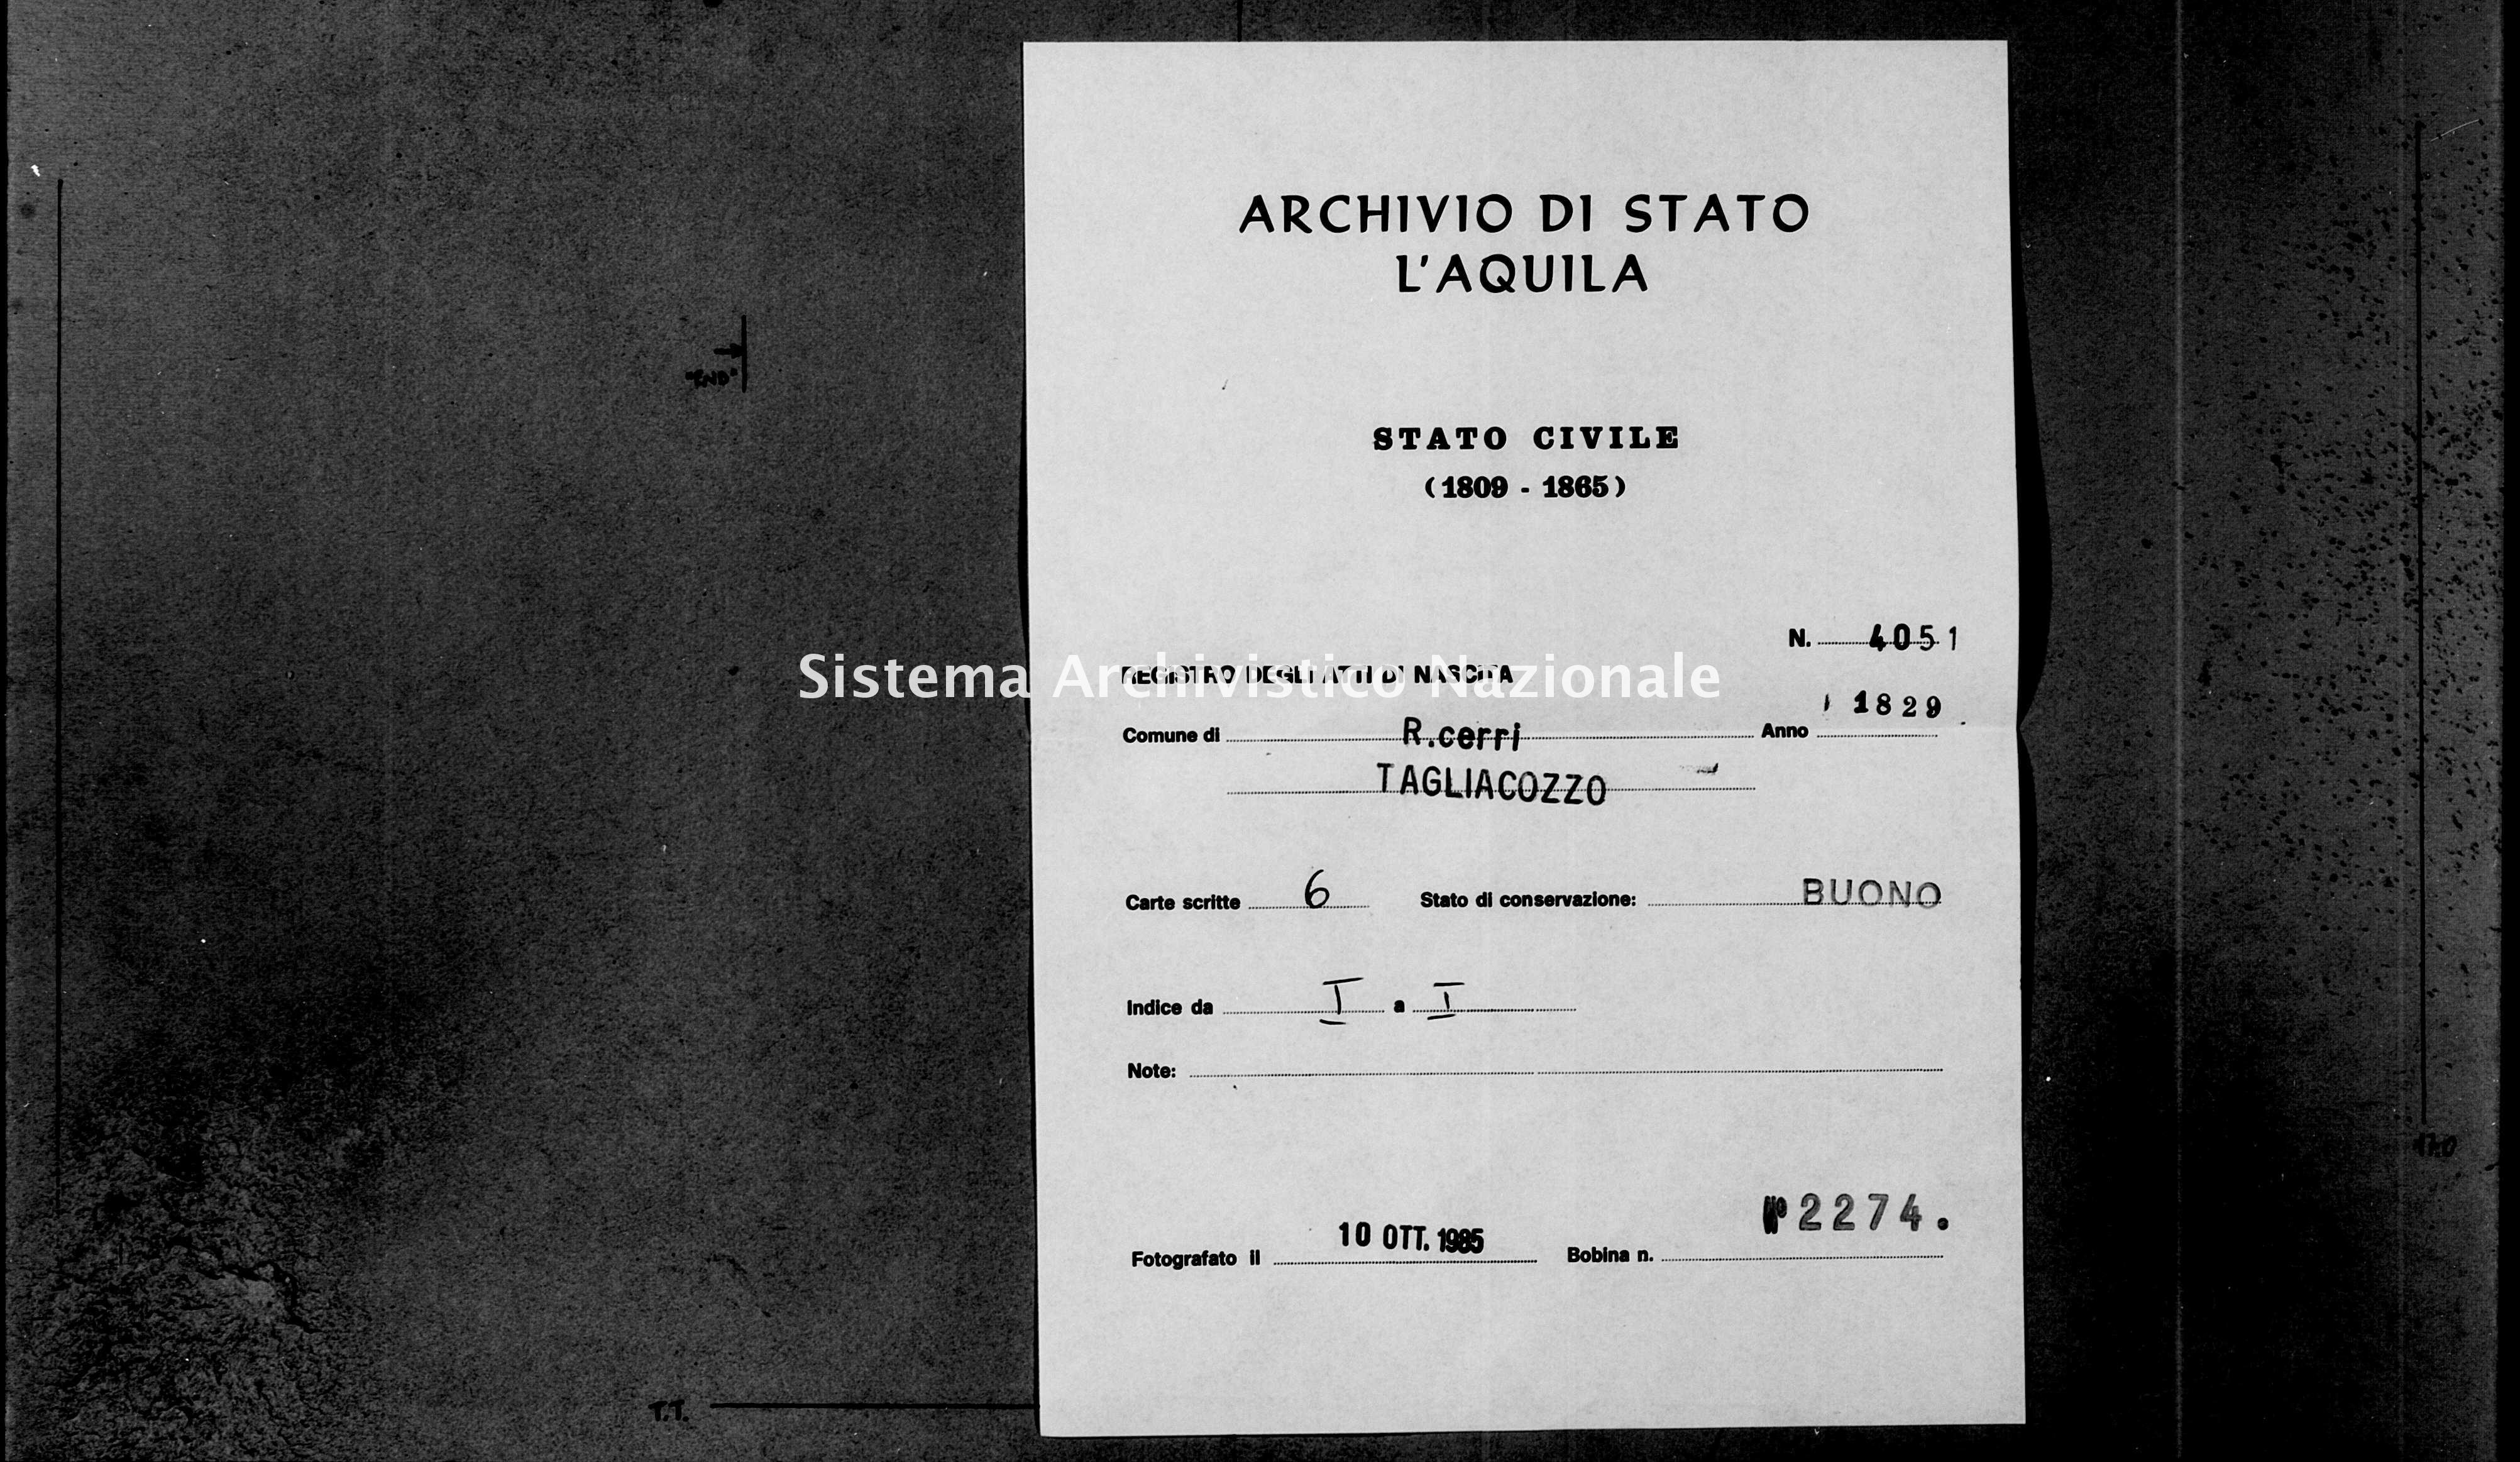 Archivio di stato di L'aquila - Stato civile della restaurazione - Roccacerro - Nati - 1829 - 4051 -